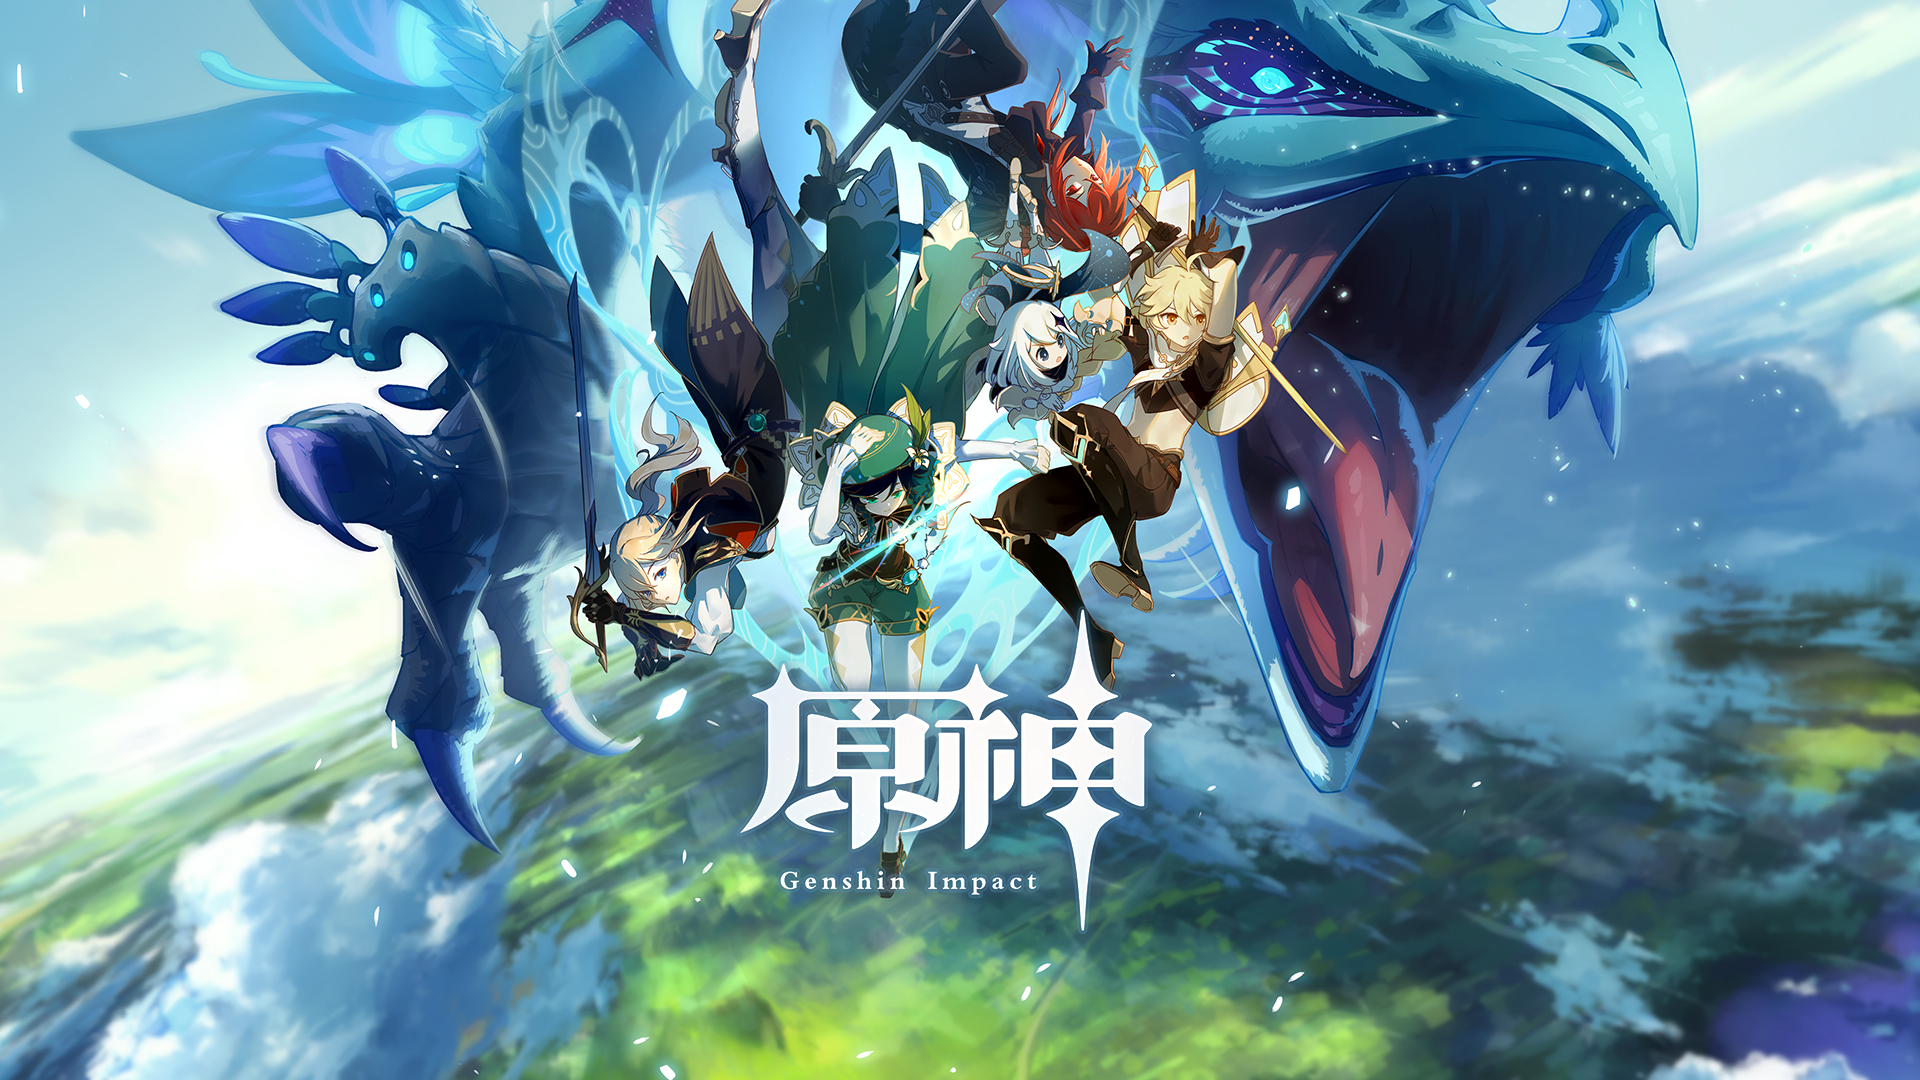 《原神》現已於PlayStation®4,PC,Android和iOS全球同步推出